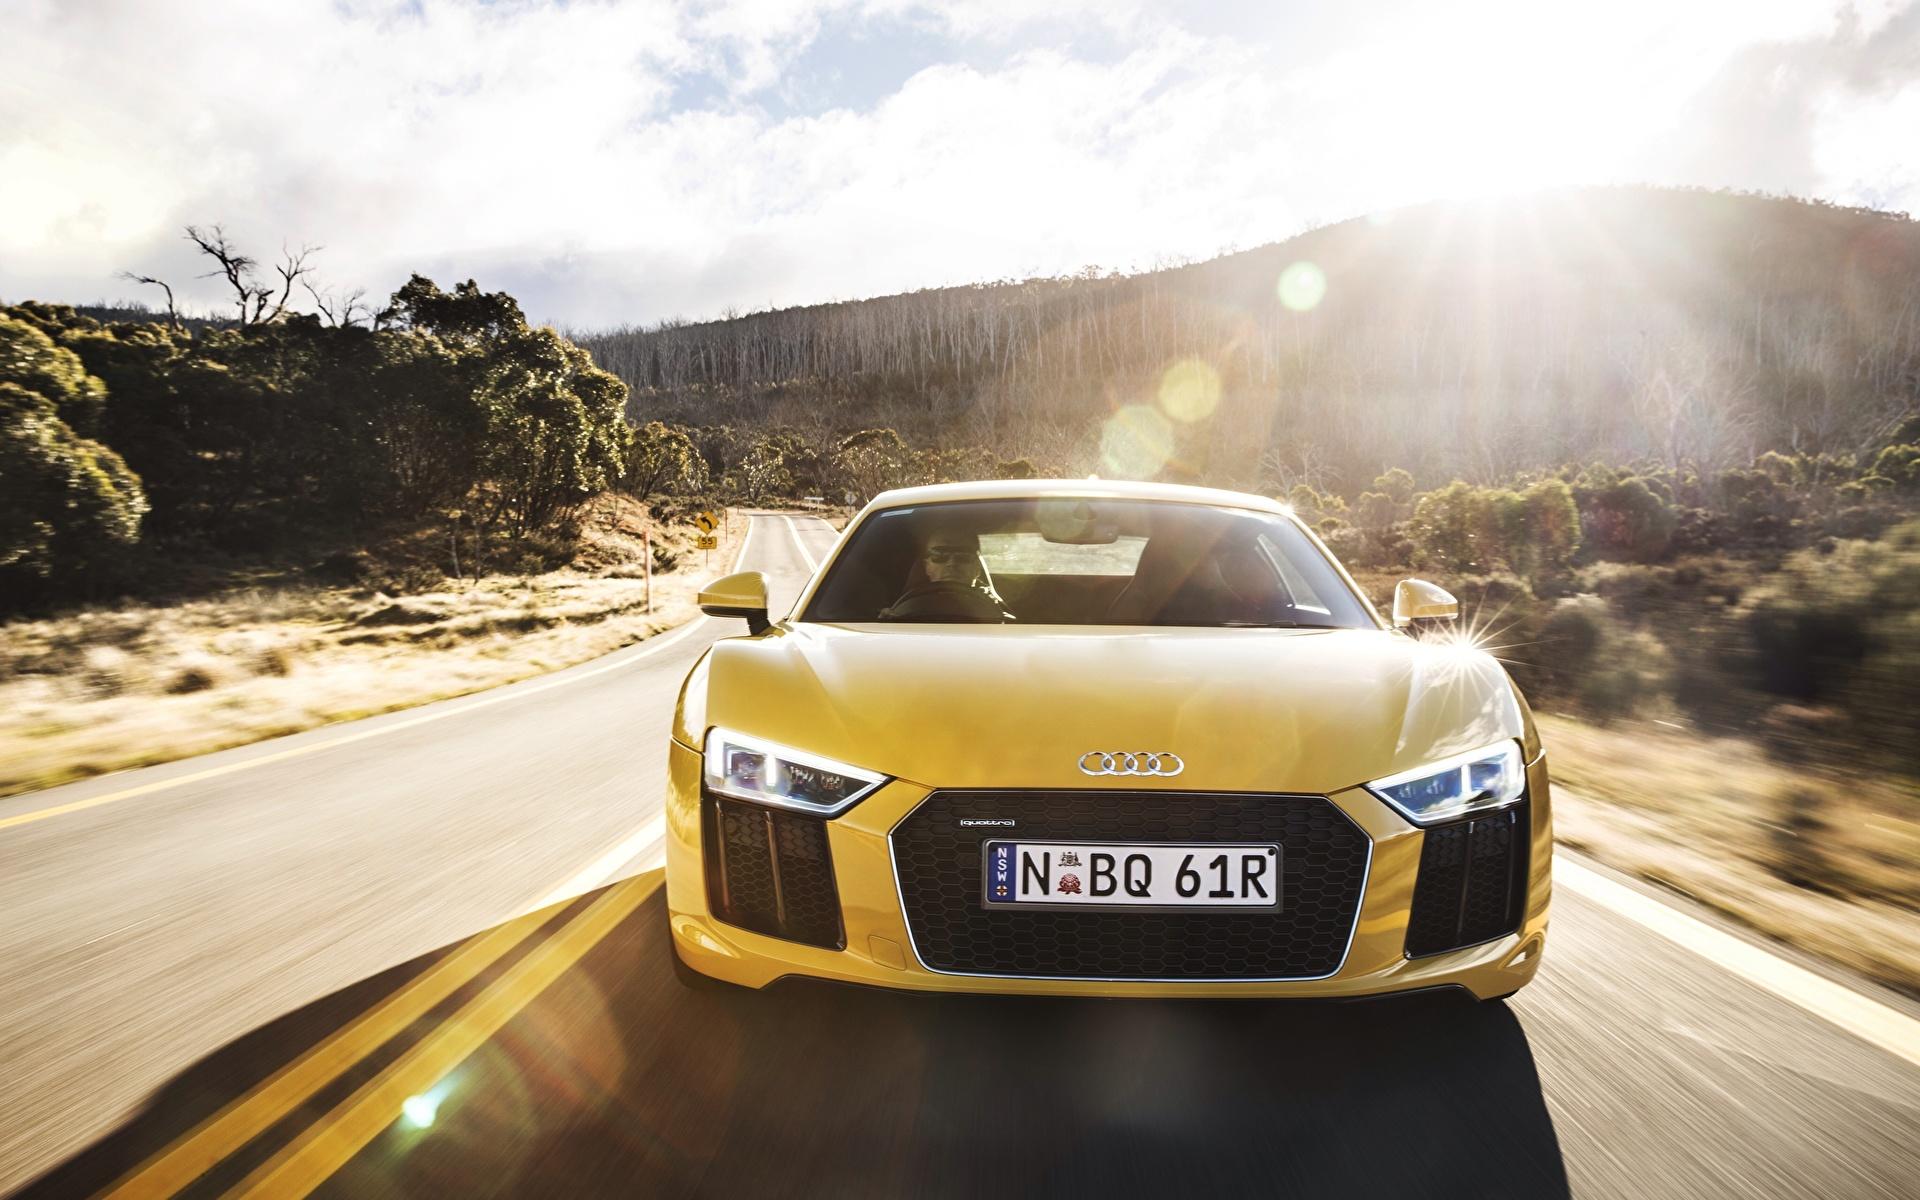 Классные картинки и обои автомобиля Audi R8 - подборка 25 фото 1